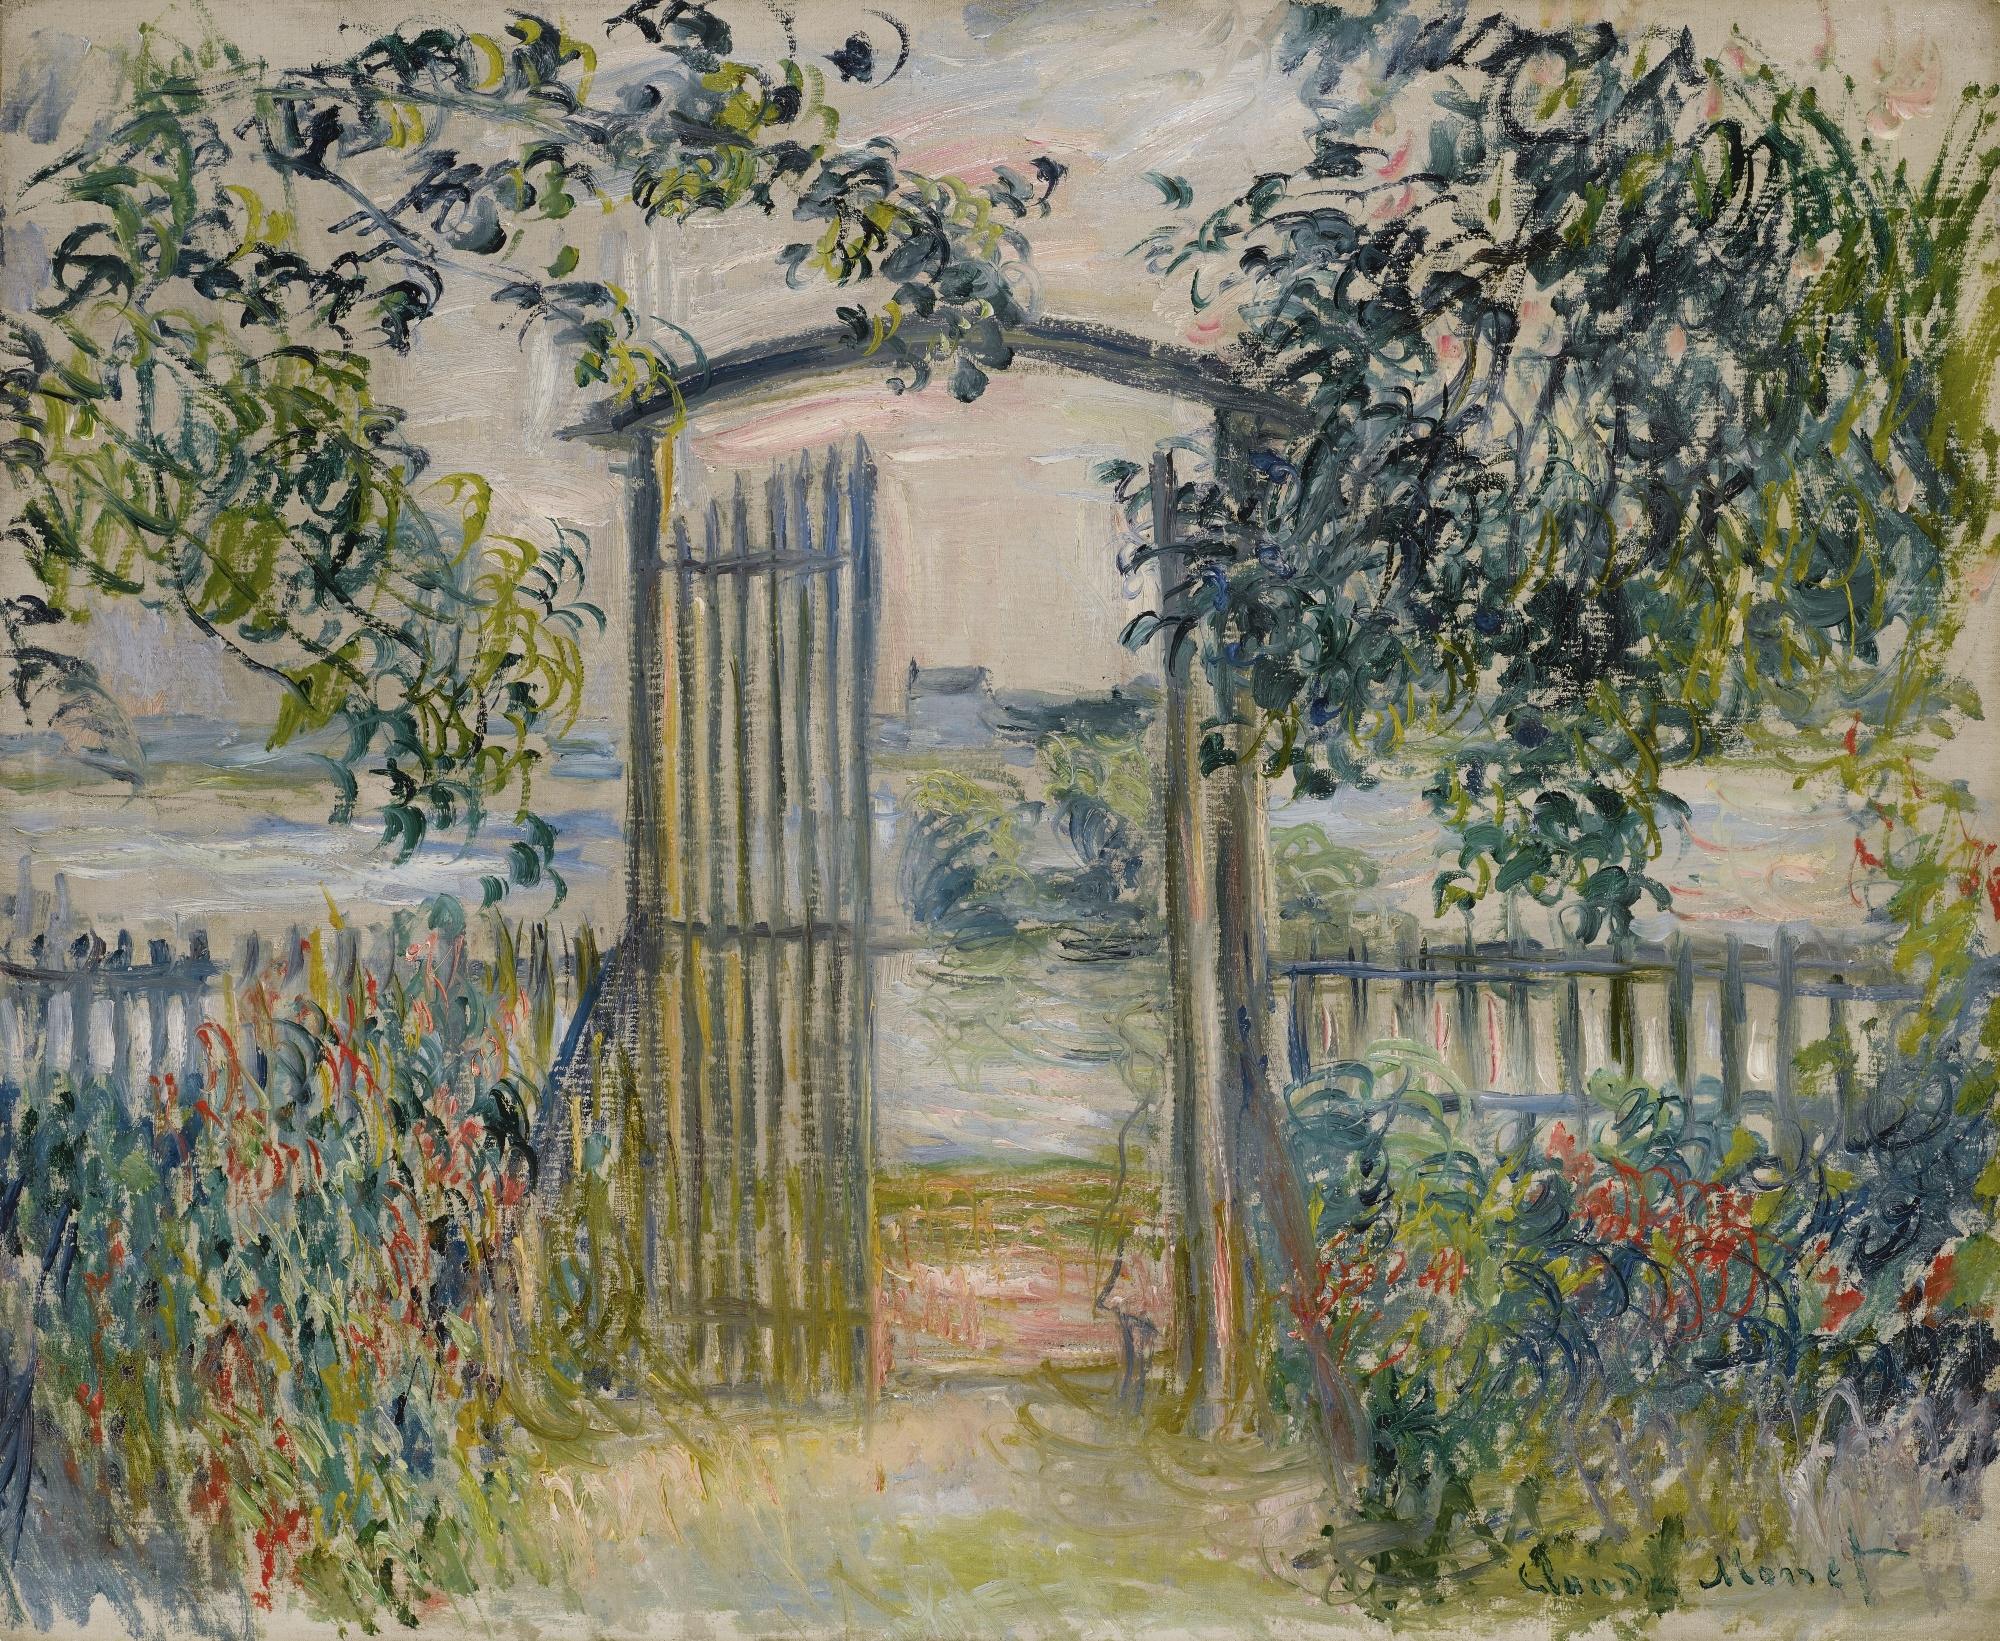 пейзаж < Садовые ворота в Ветёе >:: Клод Моне, описание картины - Моне Клод (Claude Monet) фото